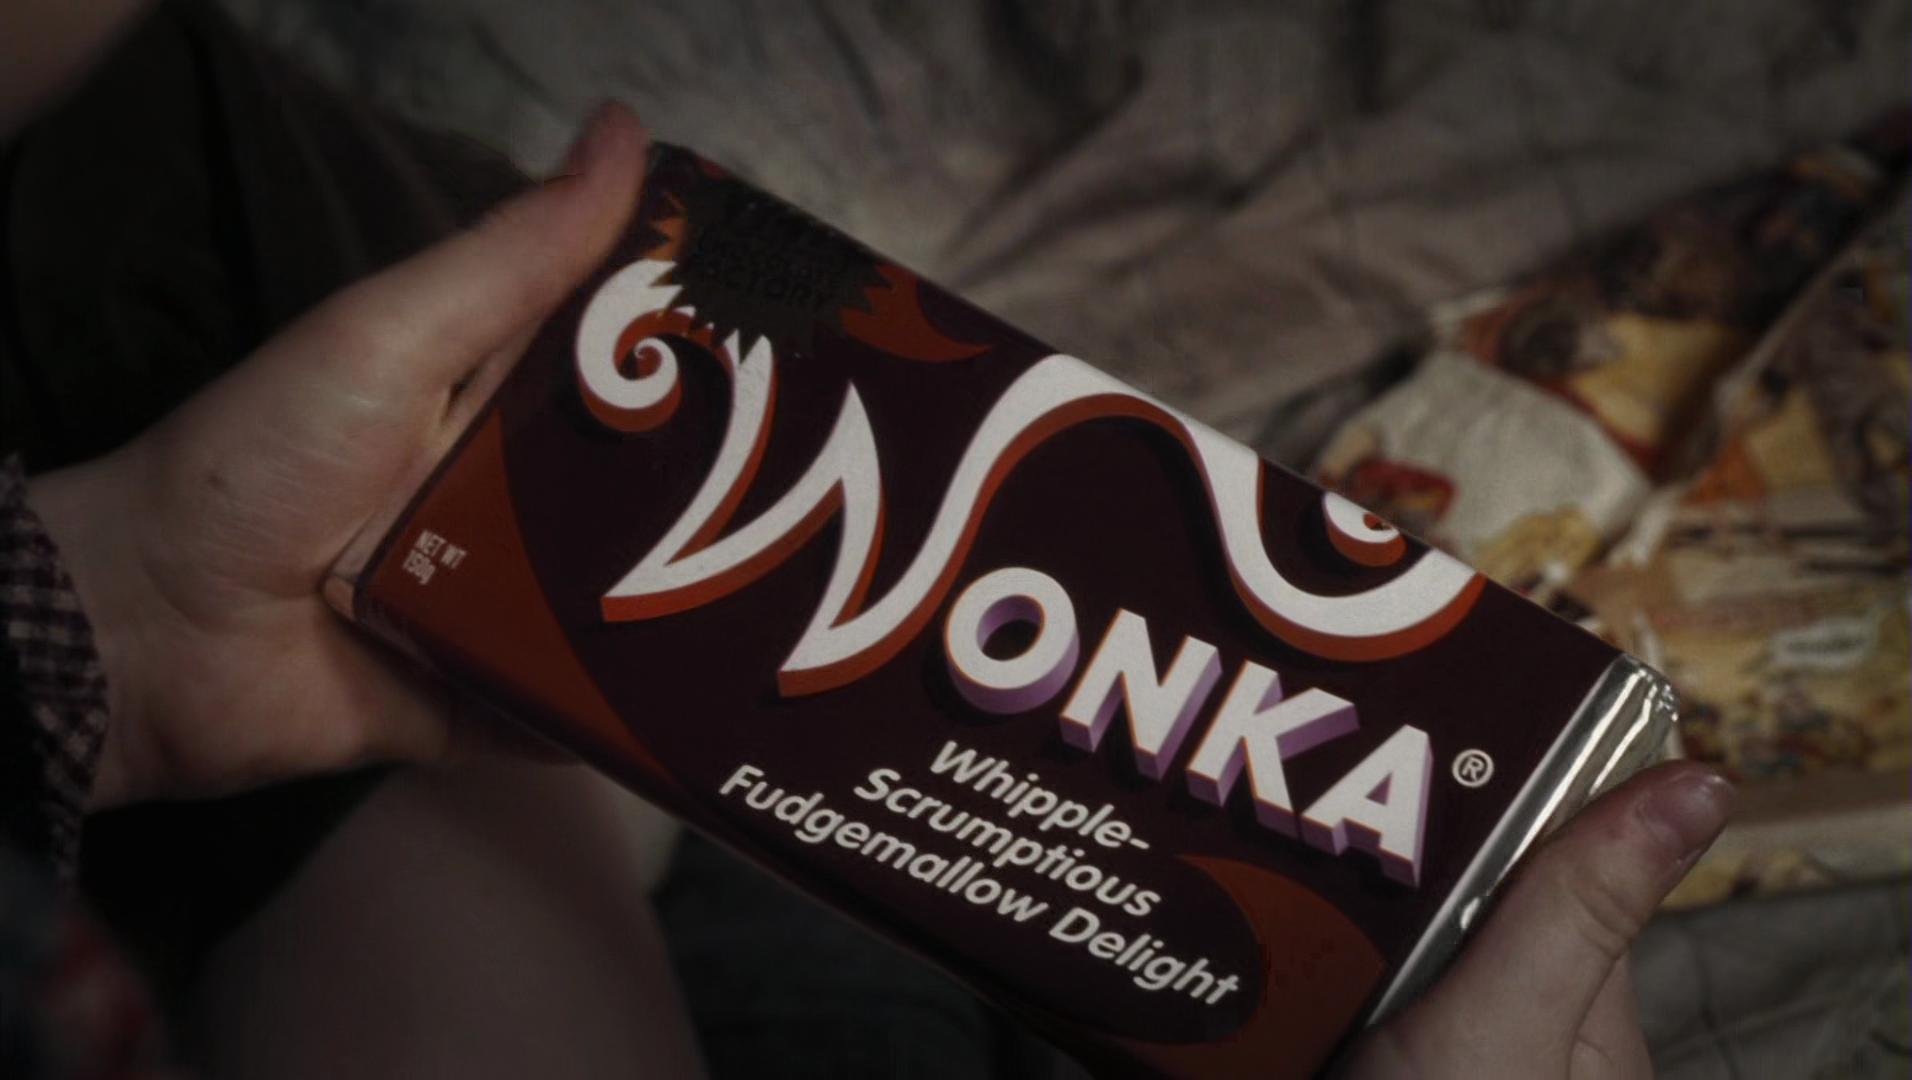 ウィリー・ウォンカのチョコレート